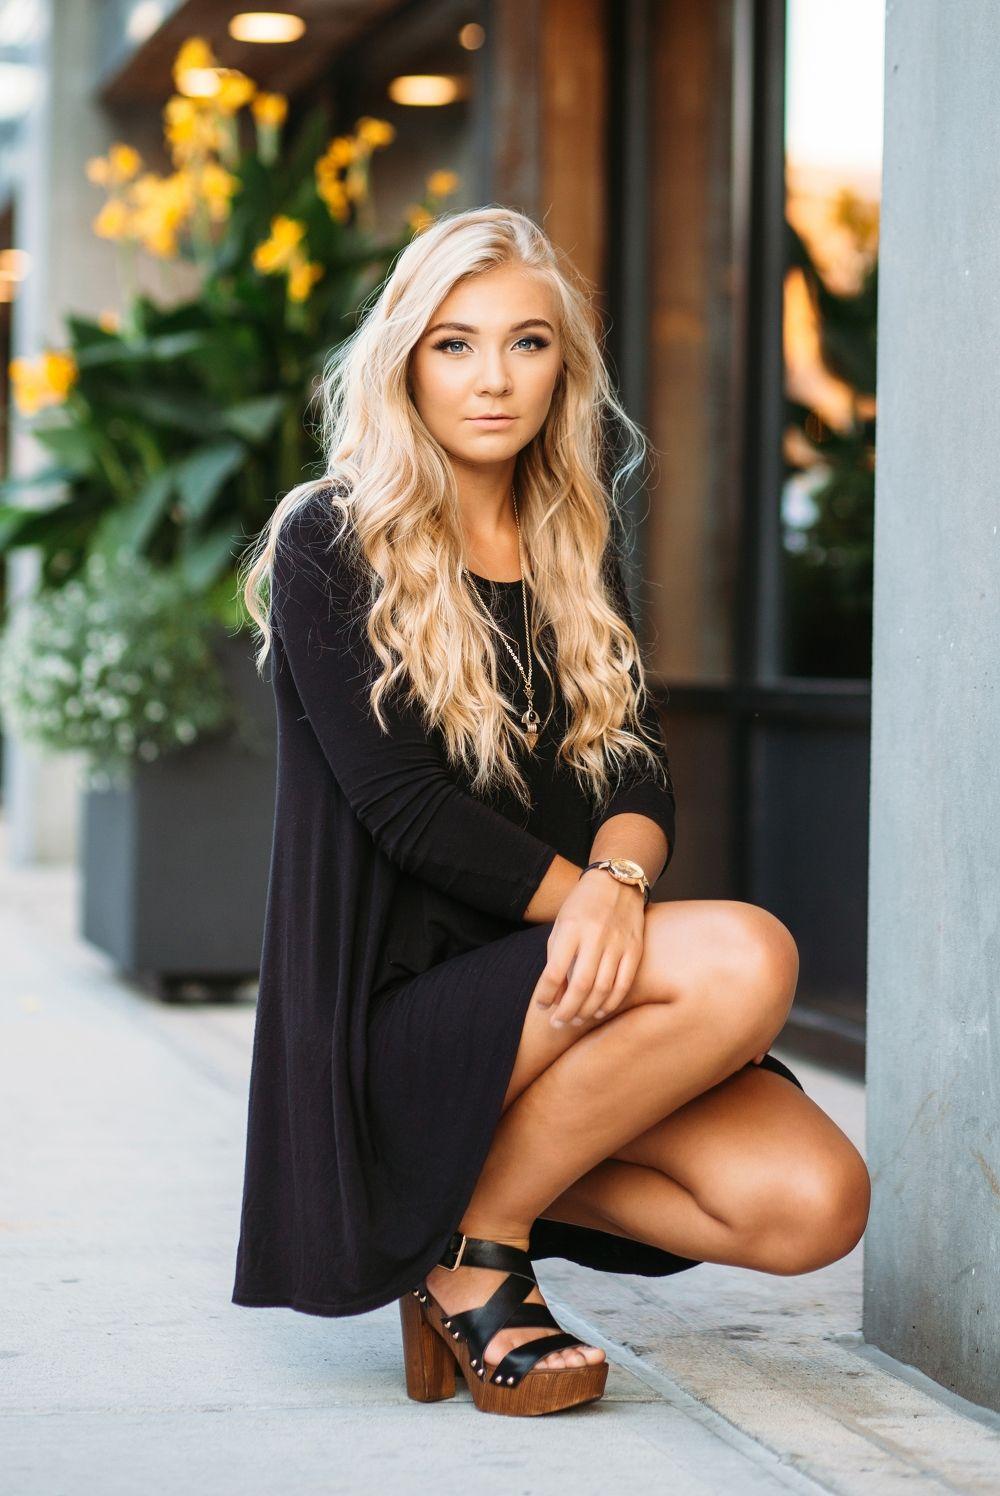 Senior Portrait / Photo / Picture Idea - Girls - Downtown